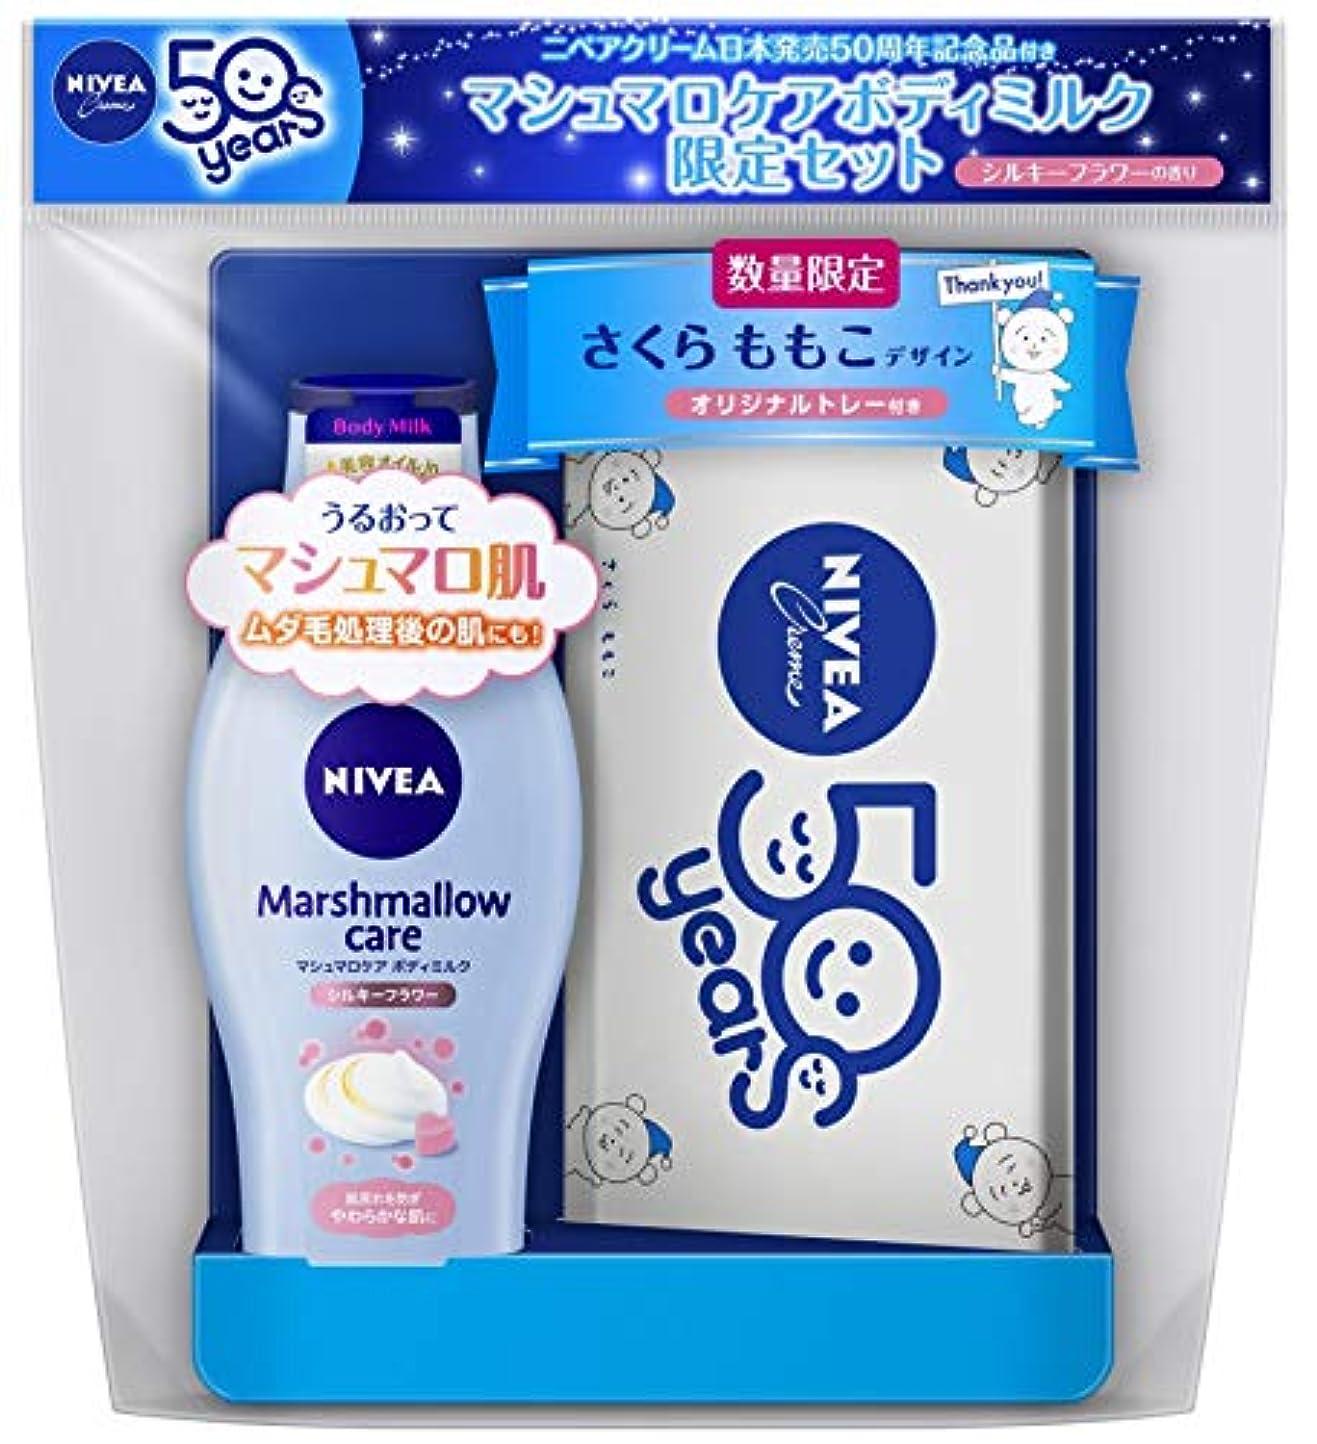 証拠ゆり顔料【数量限定】ニベア マシュマロケアボディミルク シルキーフラワーの香り+さくらももこデザインオリジナルトレー付き